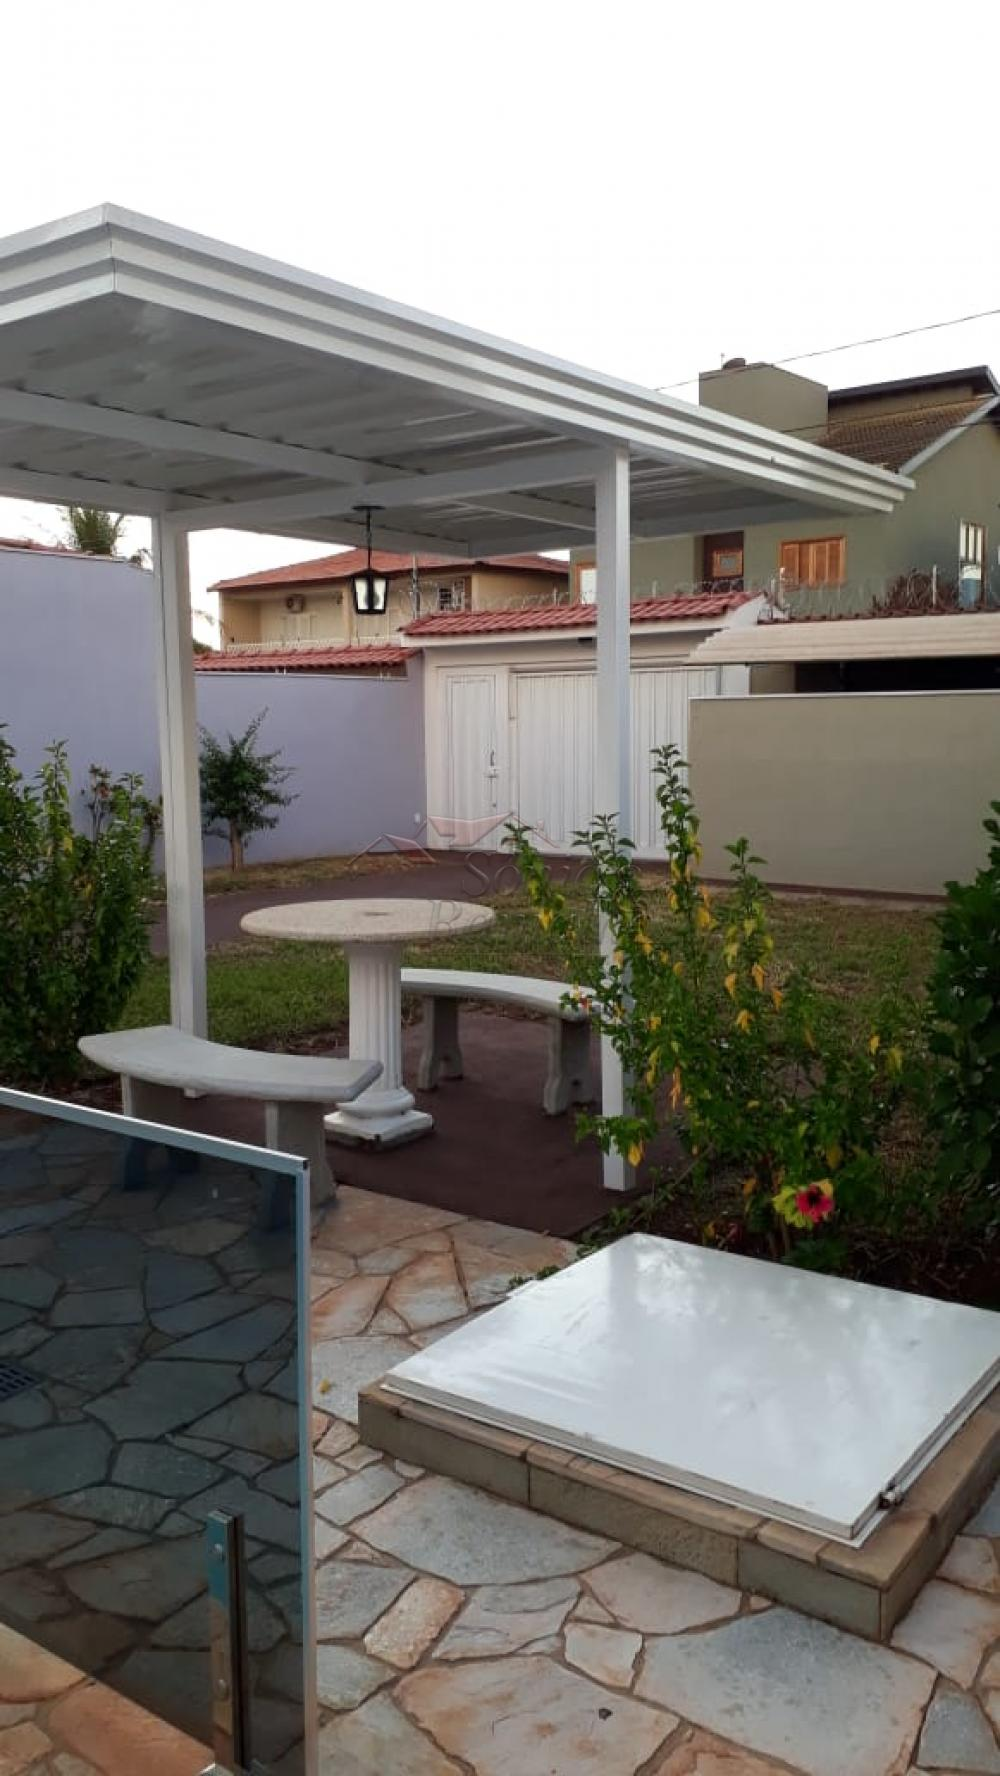 Comprar Casas / Padrão em Ribeirão Preto apenas R$ 404.000,00 - Foto 2